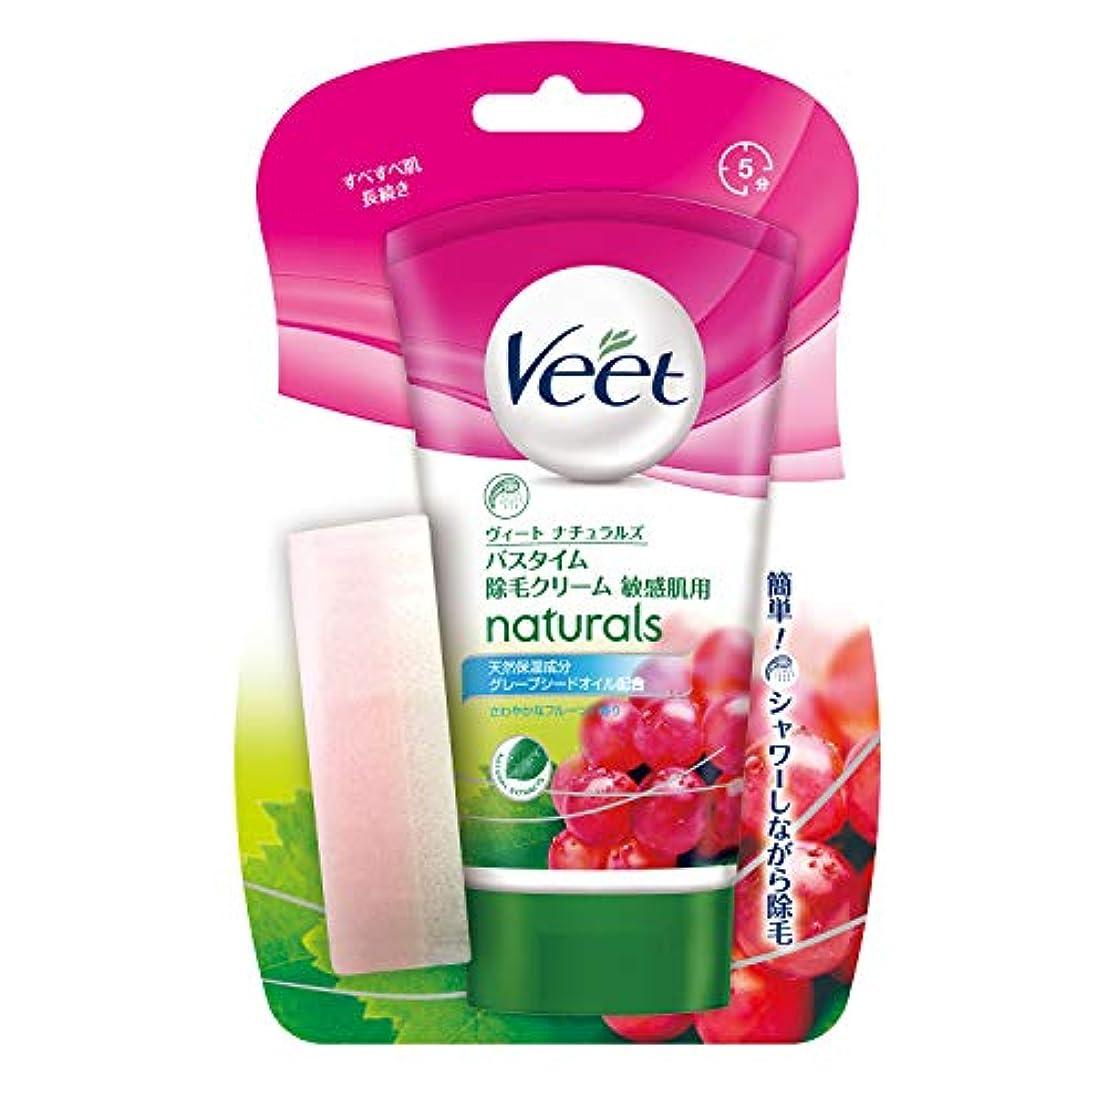 改善する異常な人間ヴィート バスタイムセン用 除毛クリーム 敏感肌用 150g (Veet Naturals In Shower Hair Removal Cream  Sensitive 150g)